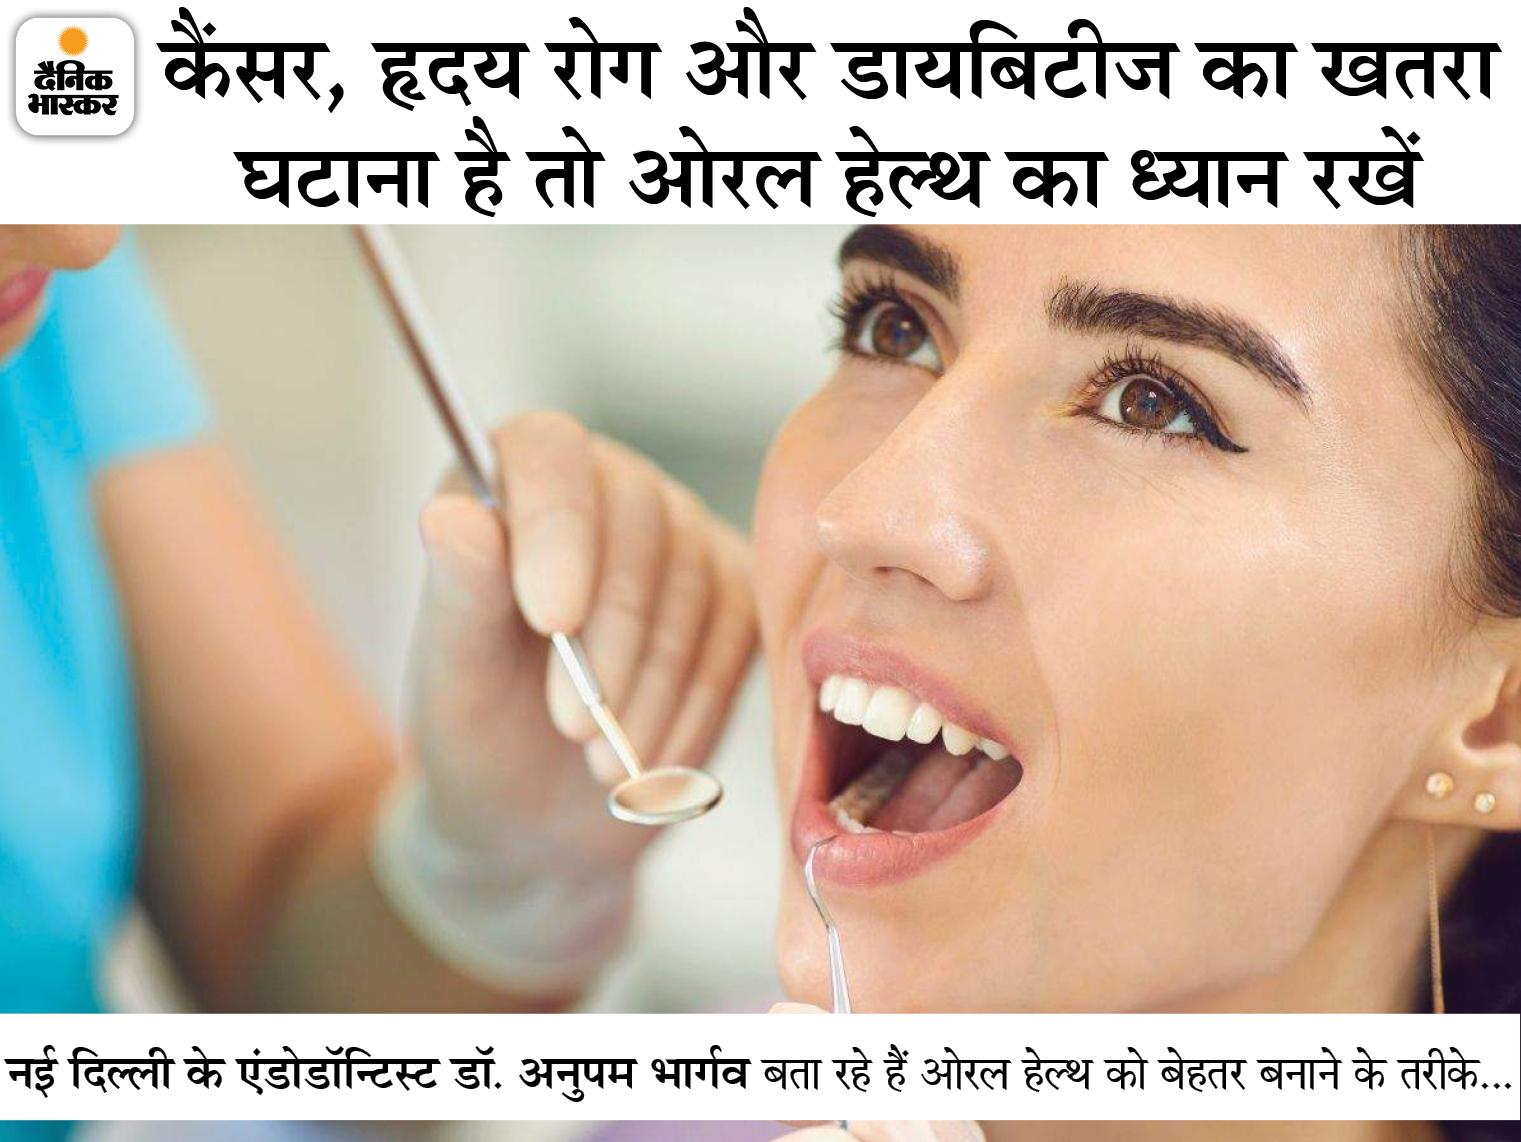 70% स्कूली बच्चे के दांतों में सड़न, 90% वयस्क मसूड़ों की बीमारी से पीड़ित; इन 4 तरीकों से दांत और मसूढ़े रखें स्वस्थ|लाइफ & साइंस,Happy Life - Dainik Bhaskar